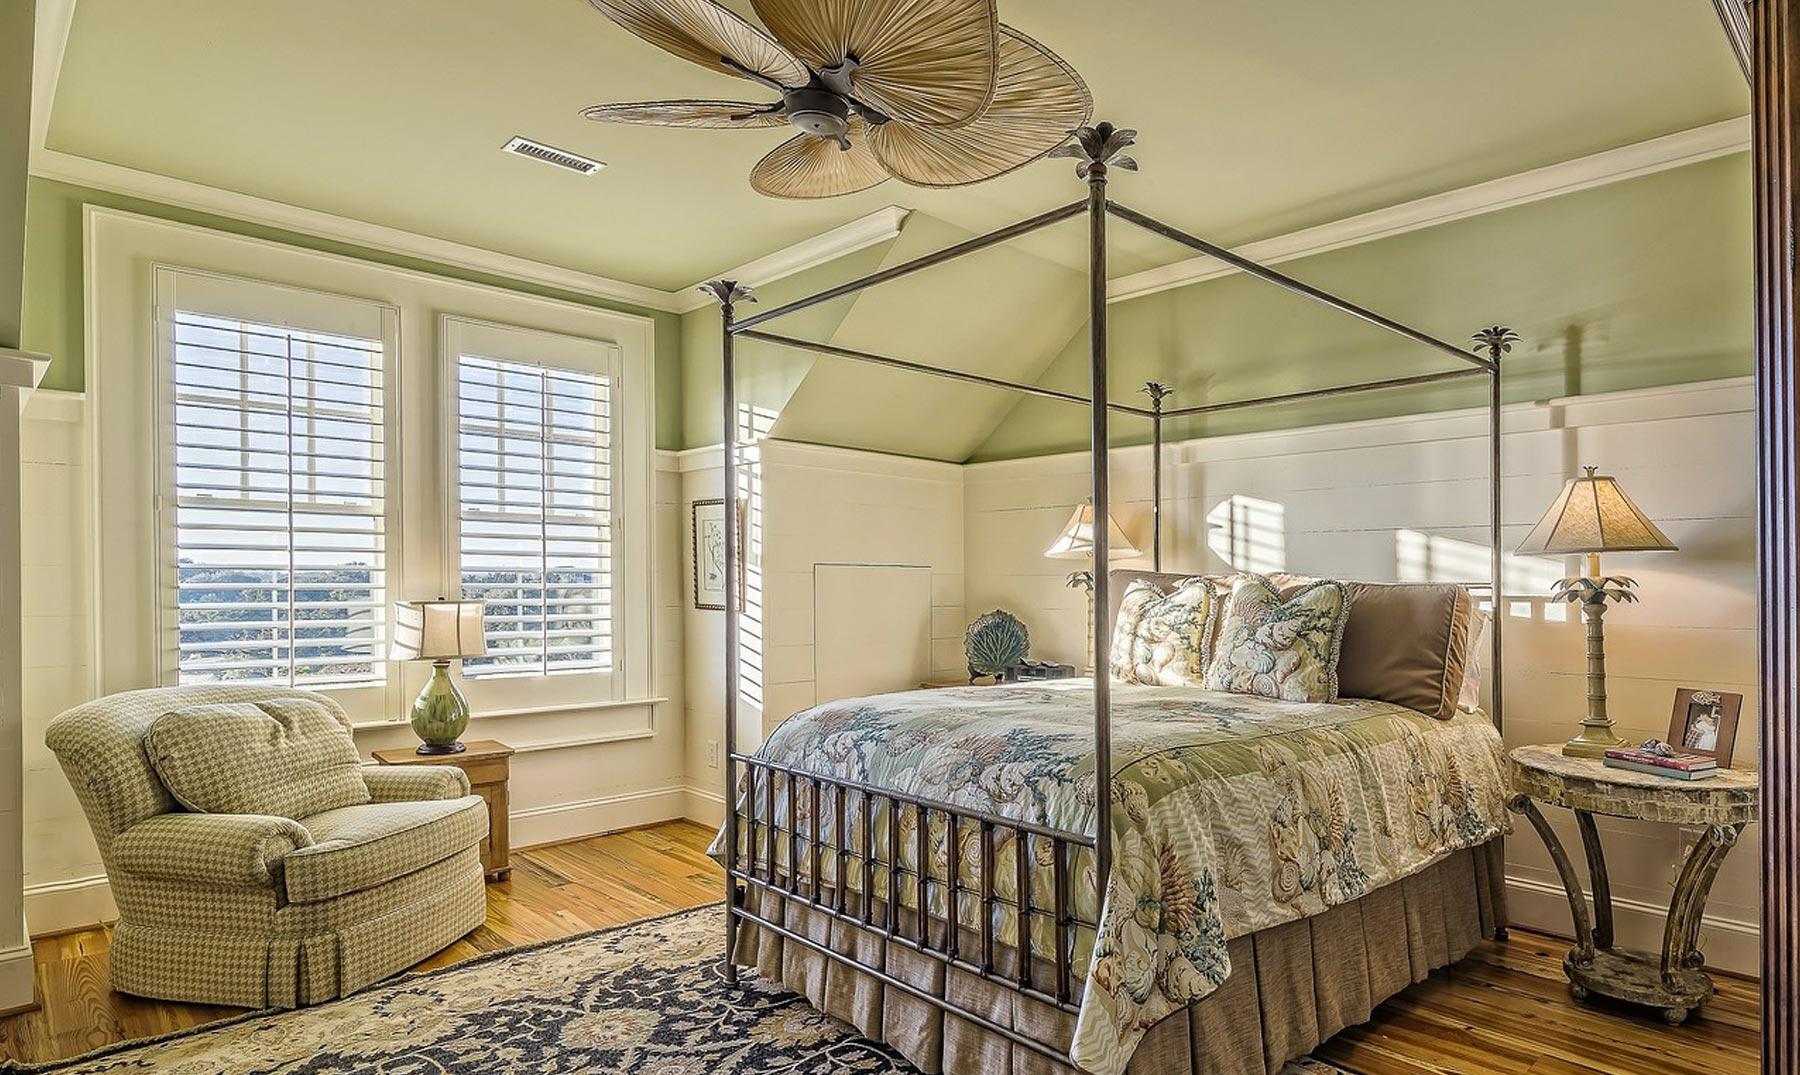 Ecotrucos para decorar tu dormitorio